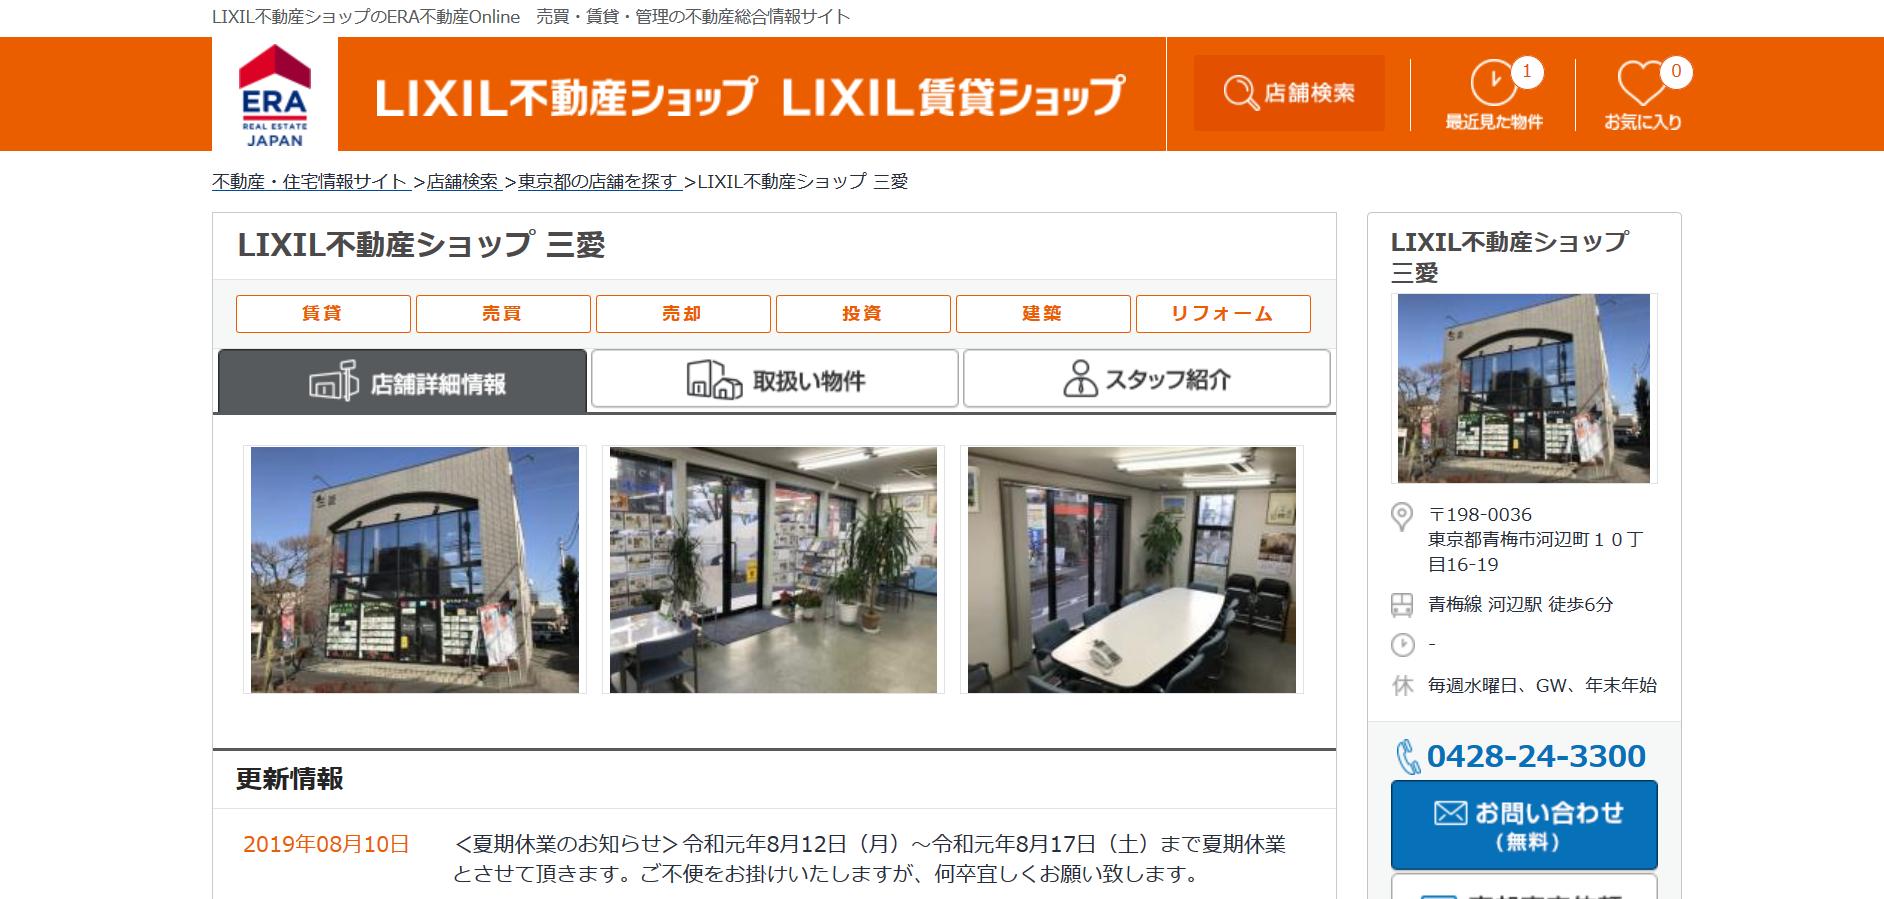 LIXIL不動産ショップ三愛